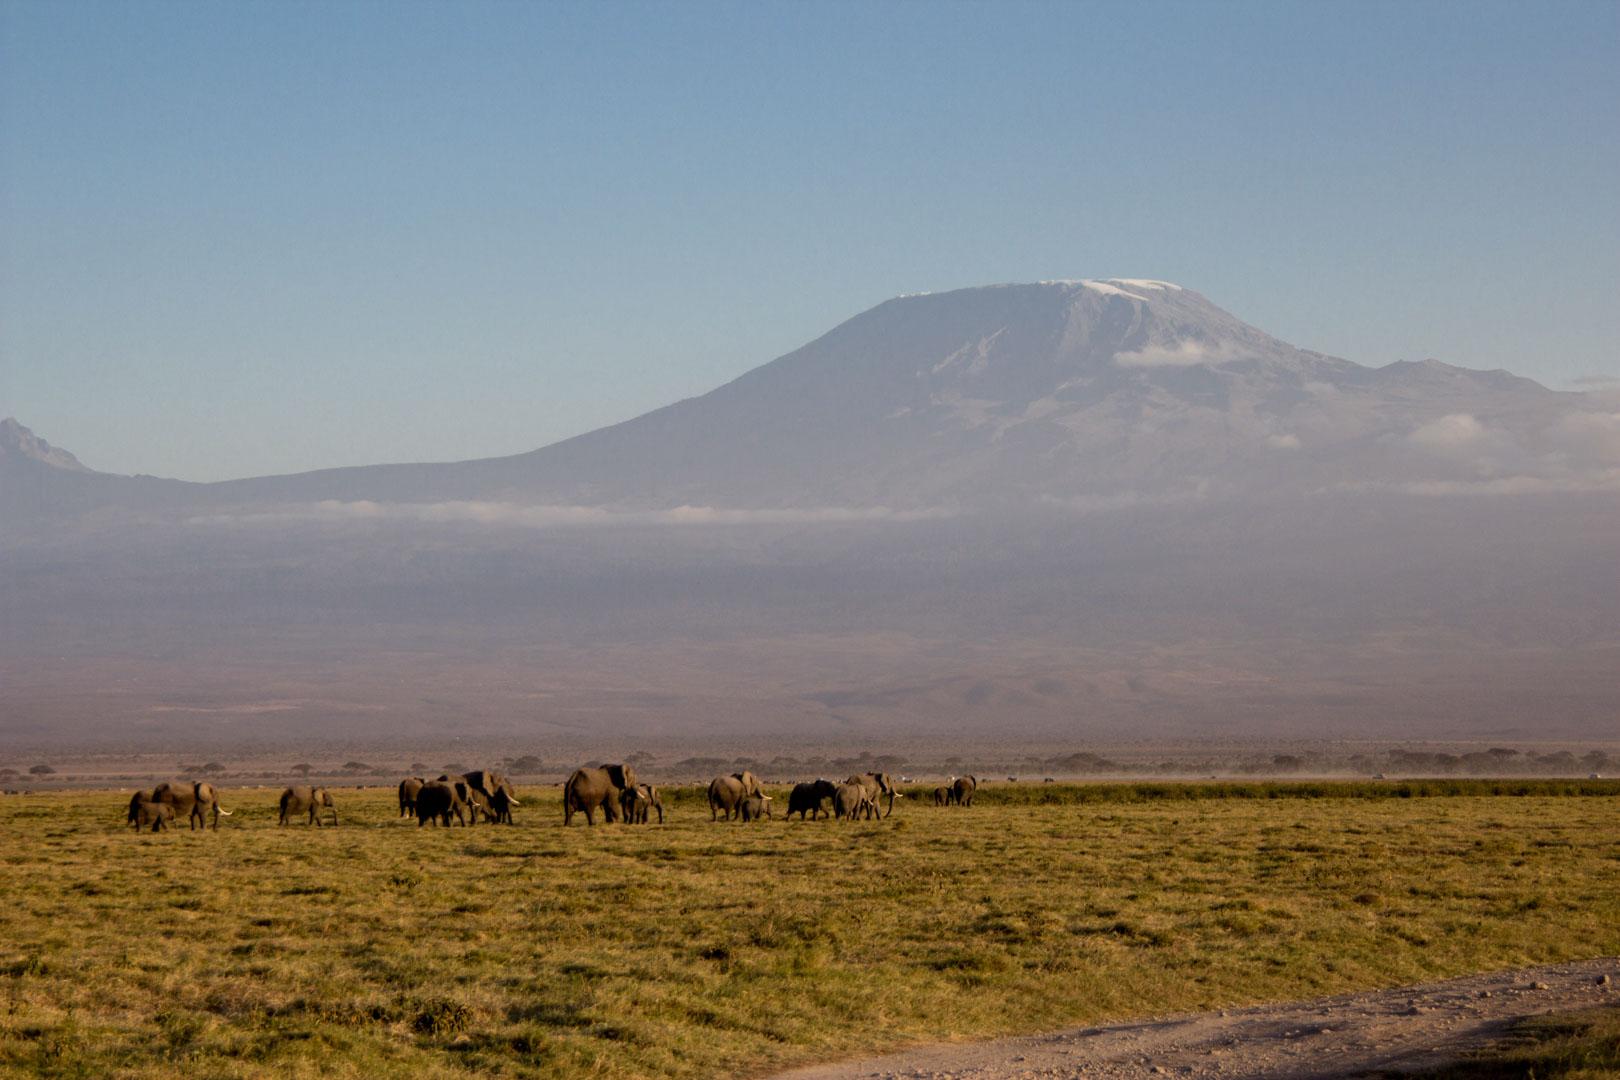 Manada de elefantes y monte Kilimanjaro, Parque Nacional de Amboseli, Kenia